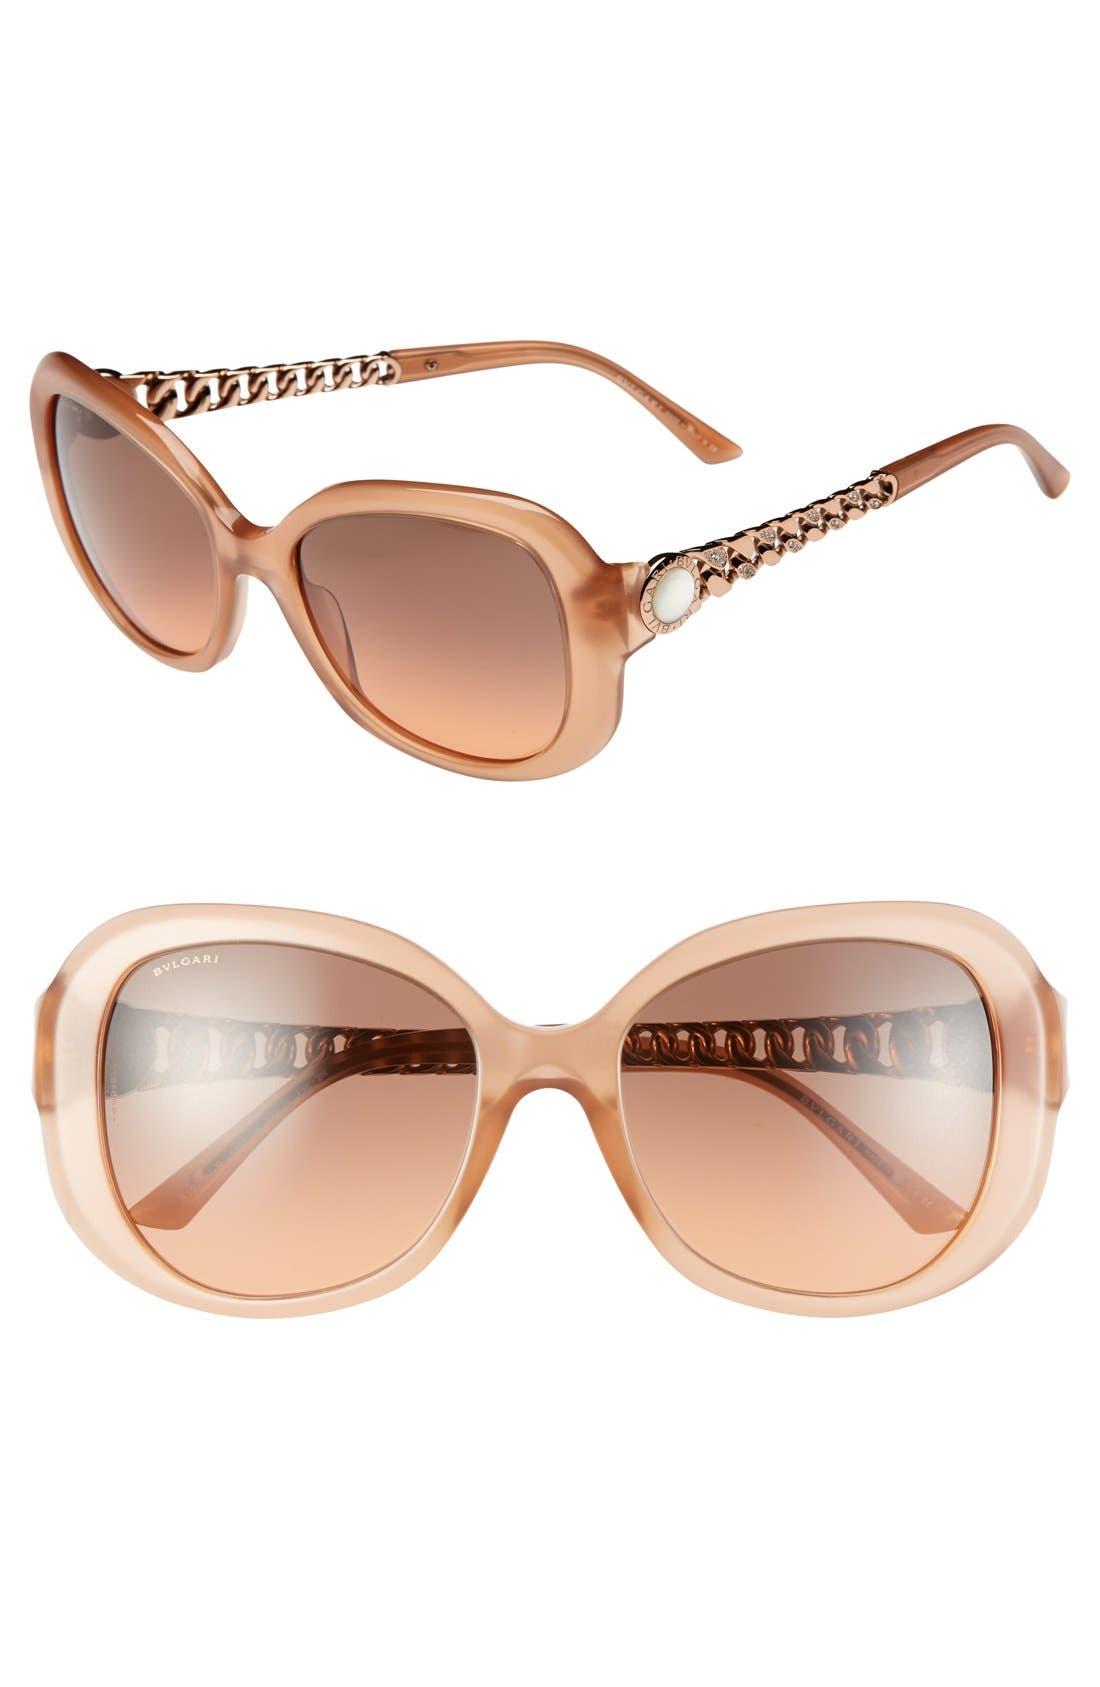 Main Image - BVLGARI 56mm Oversized Sunglasses